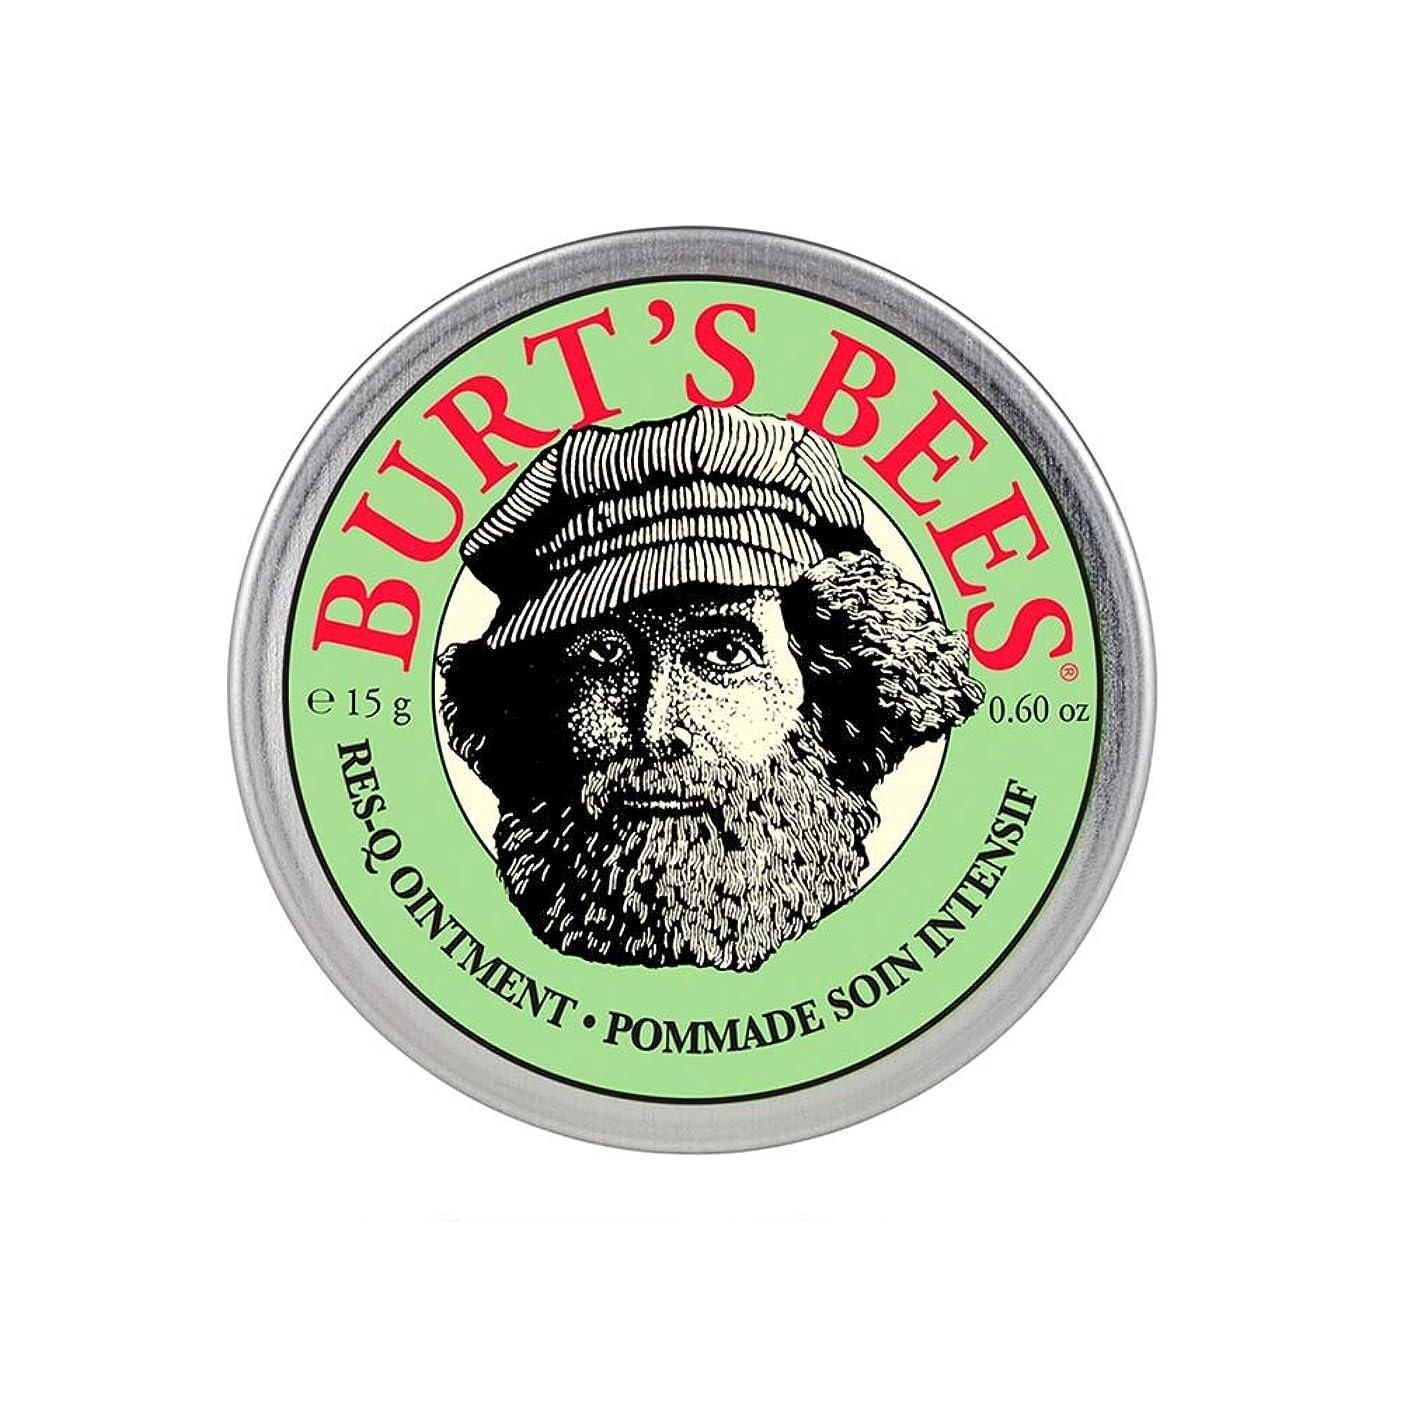 耐えられない繕う液化するバーツビーズ(Burt's Bees) レスキュー オイントメント 15g [100%ナチュラル、軟膏] [海外直送][並行輸入品]